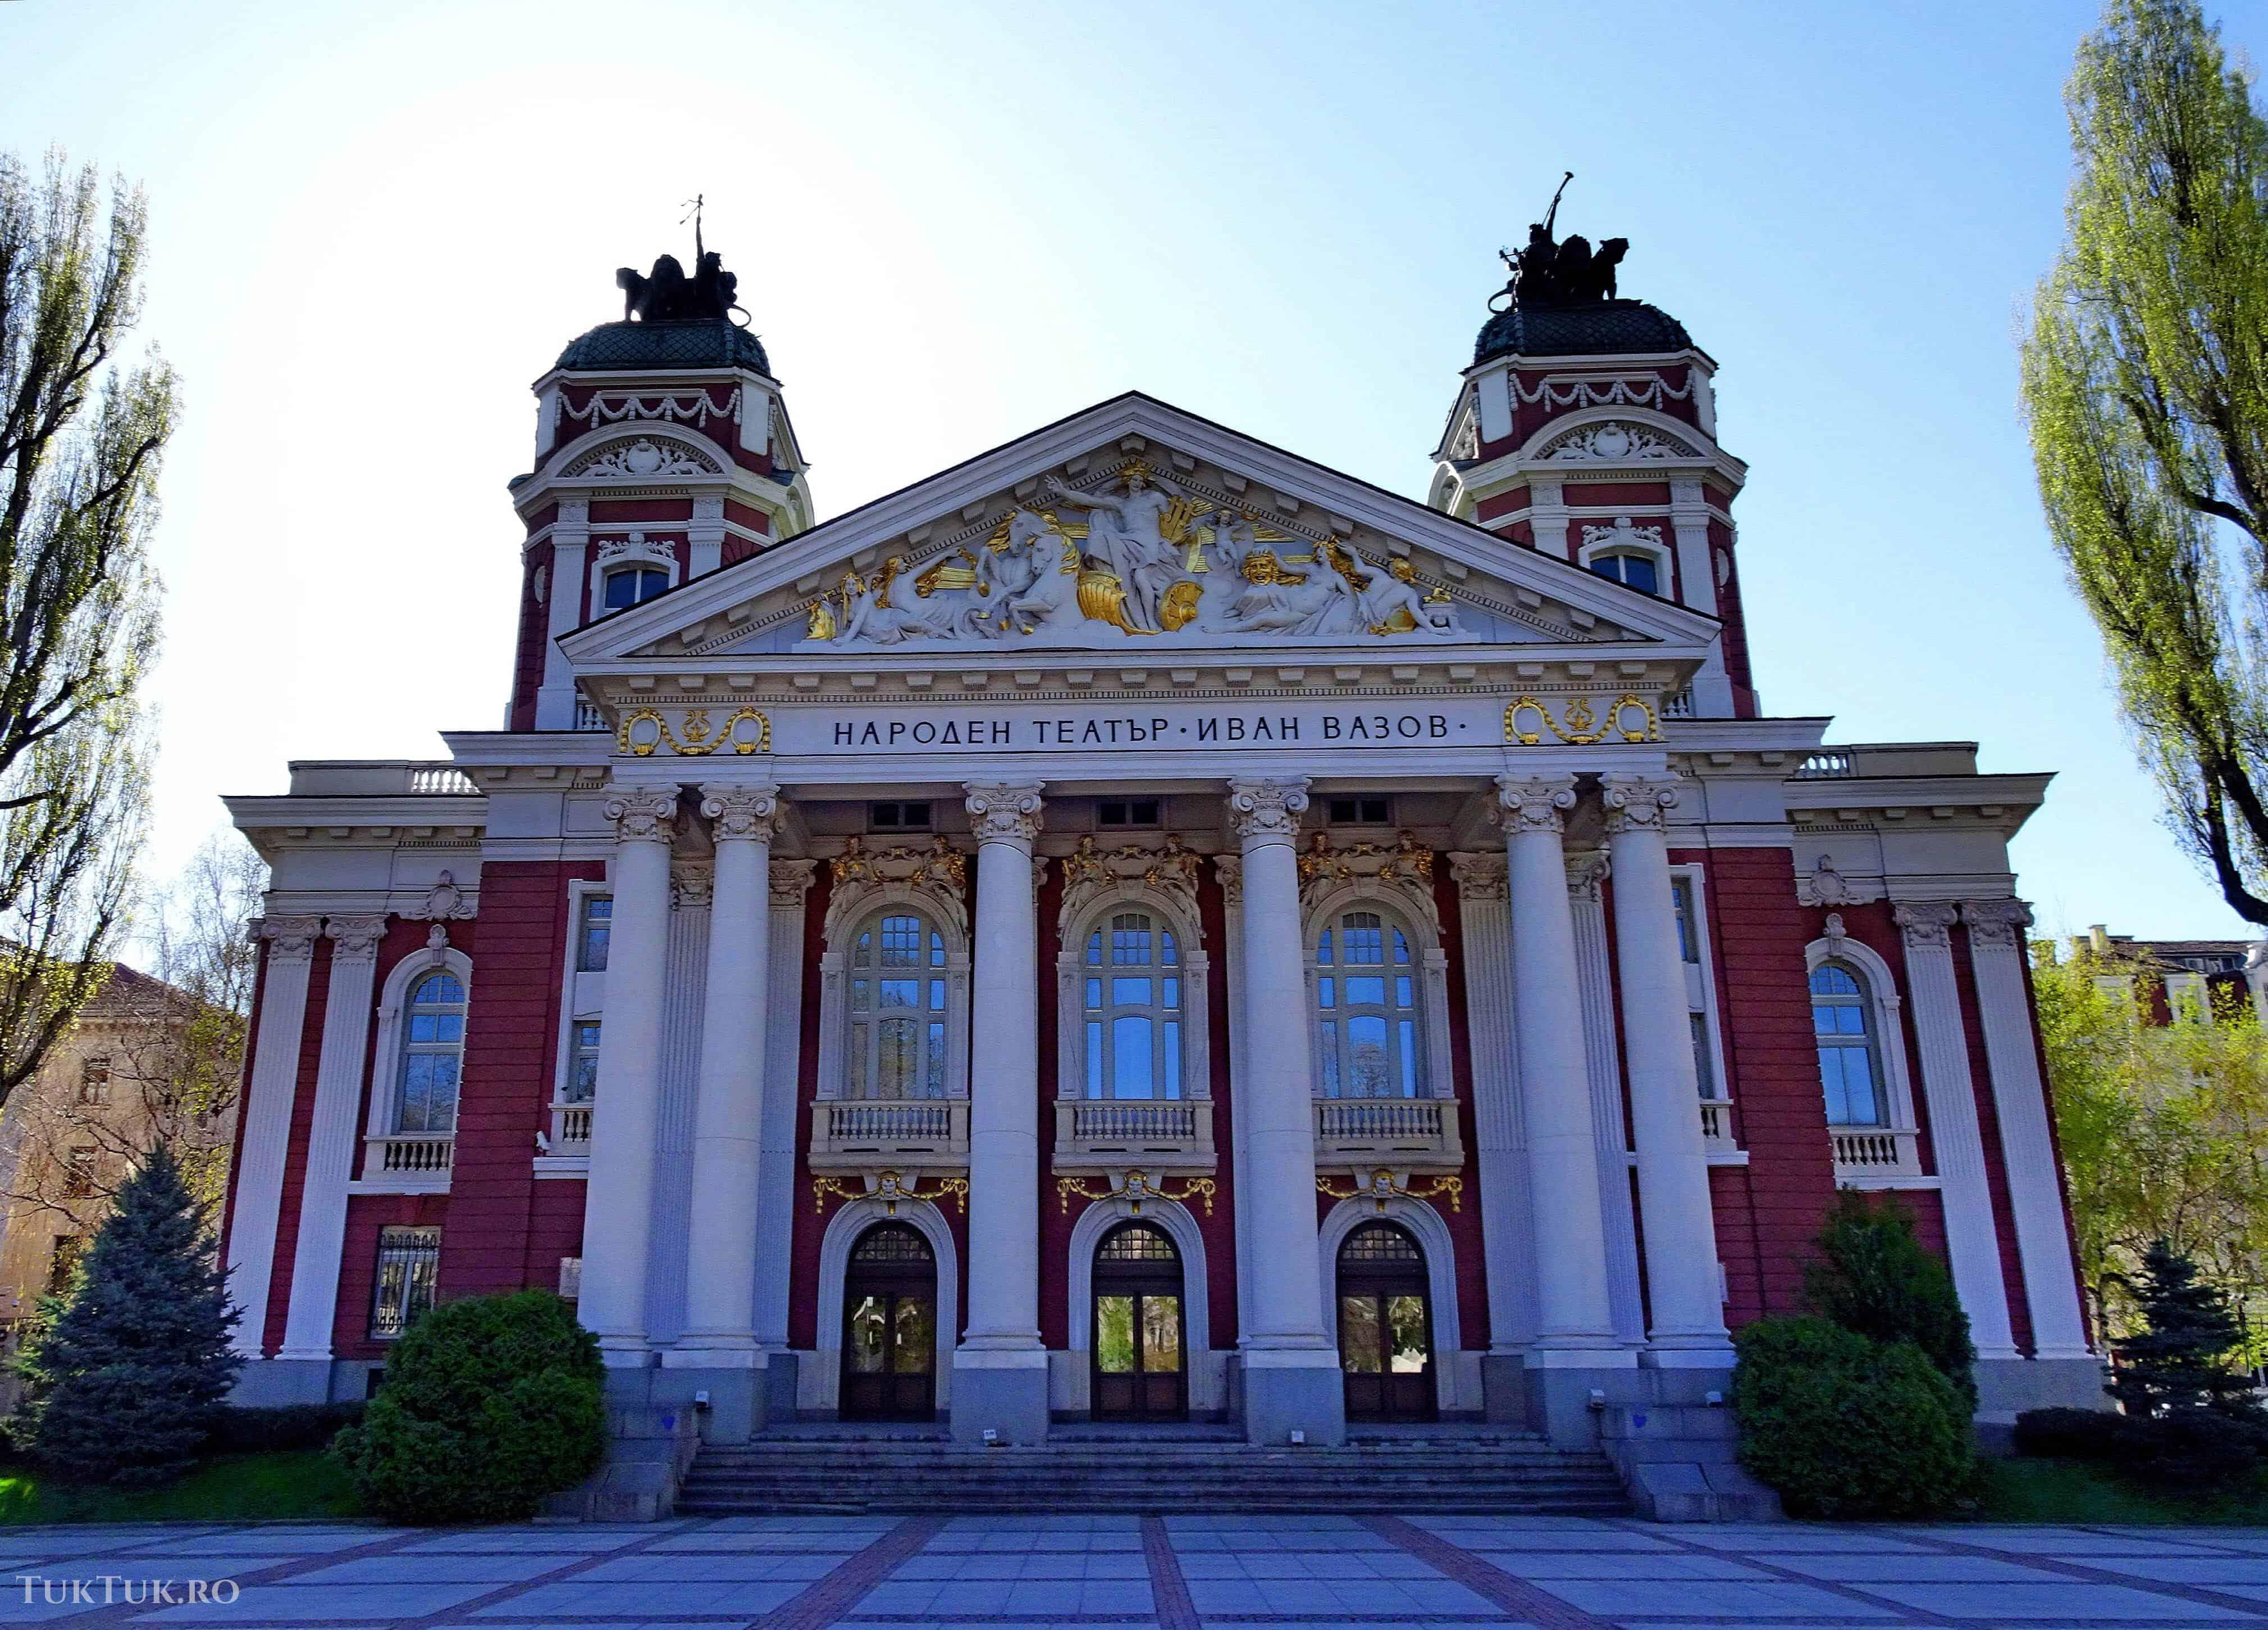 Destinații EDEN în Bulgaria (1): Kyustendil teatru national sofia